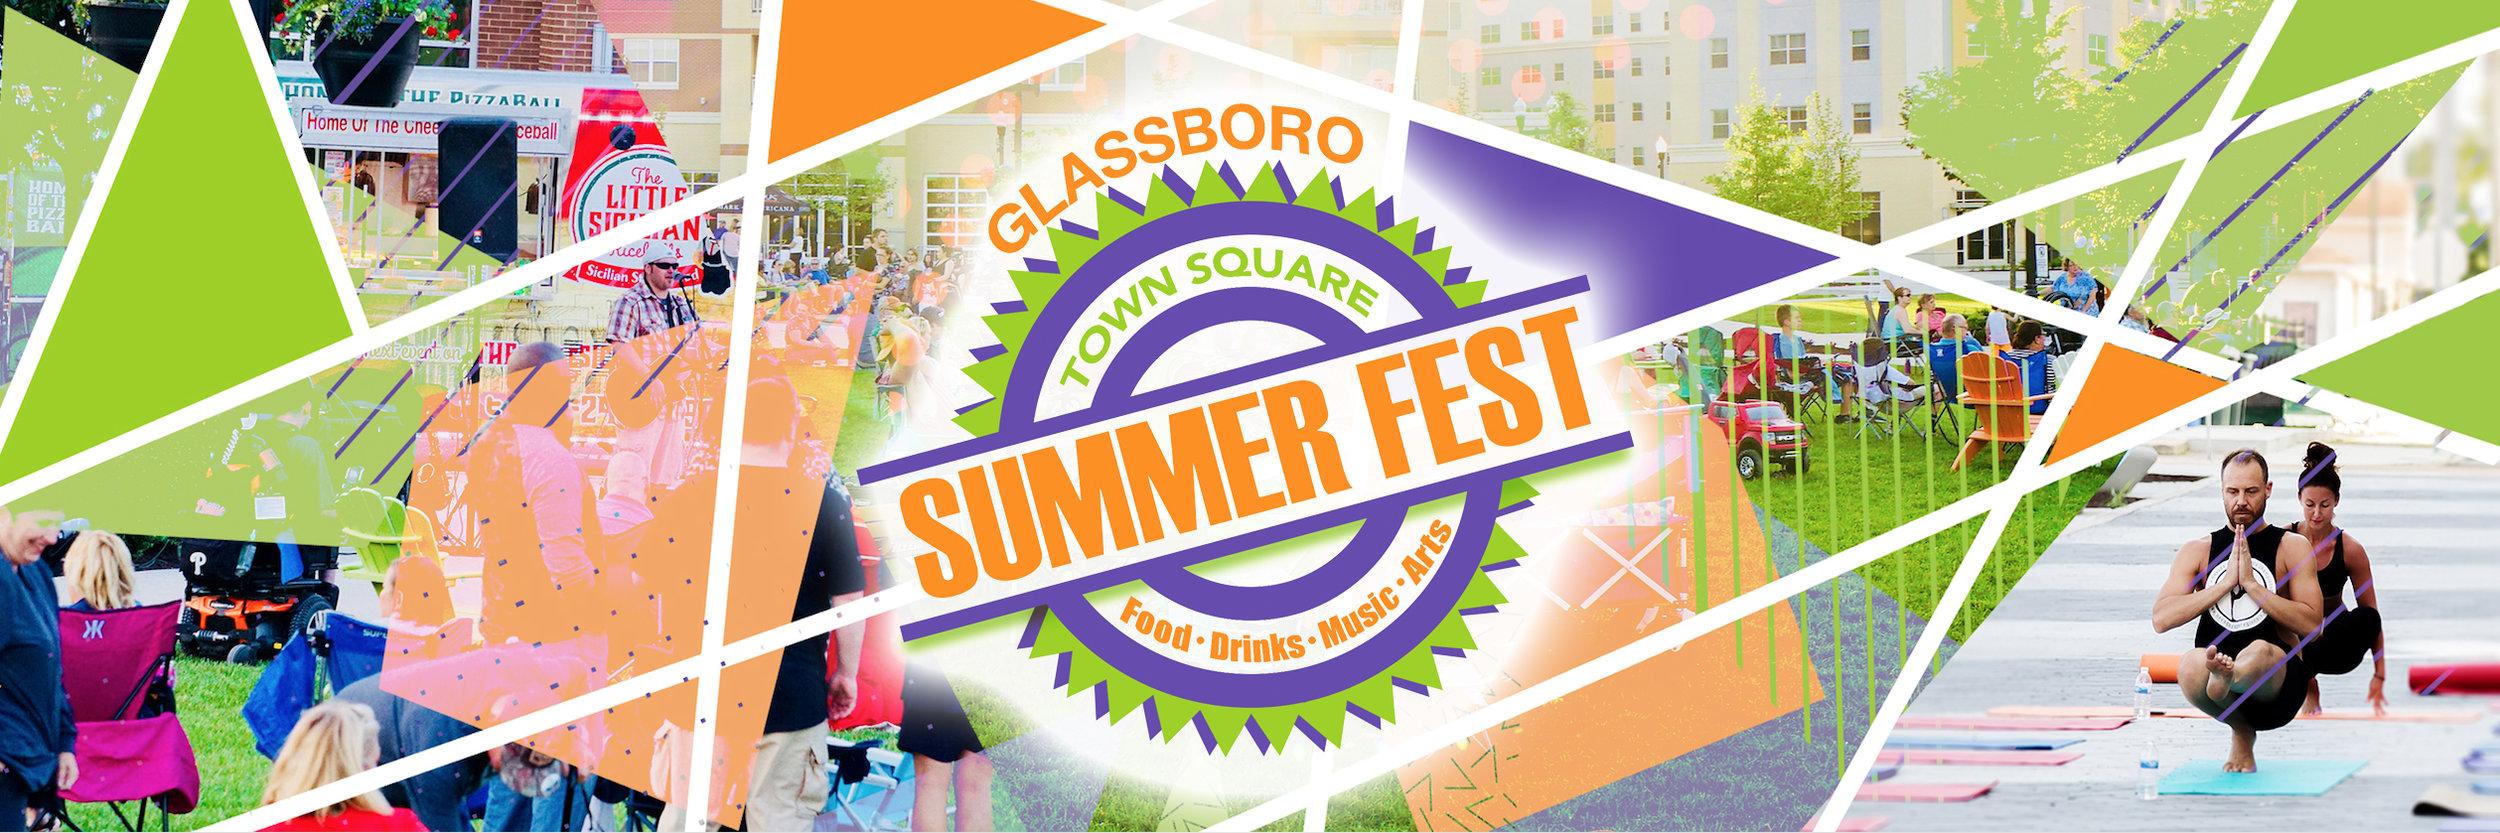 Summer Fest Web Banner 2019.jpg